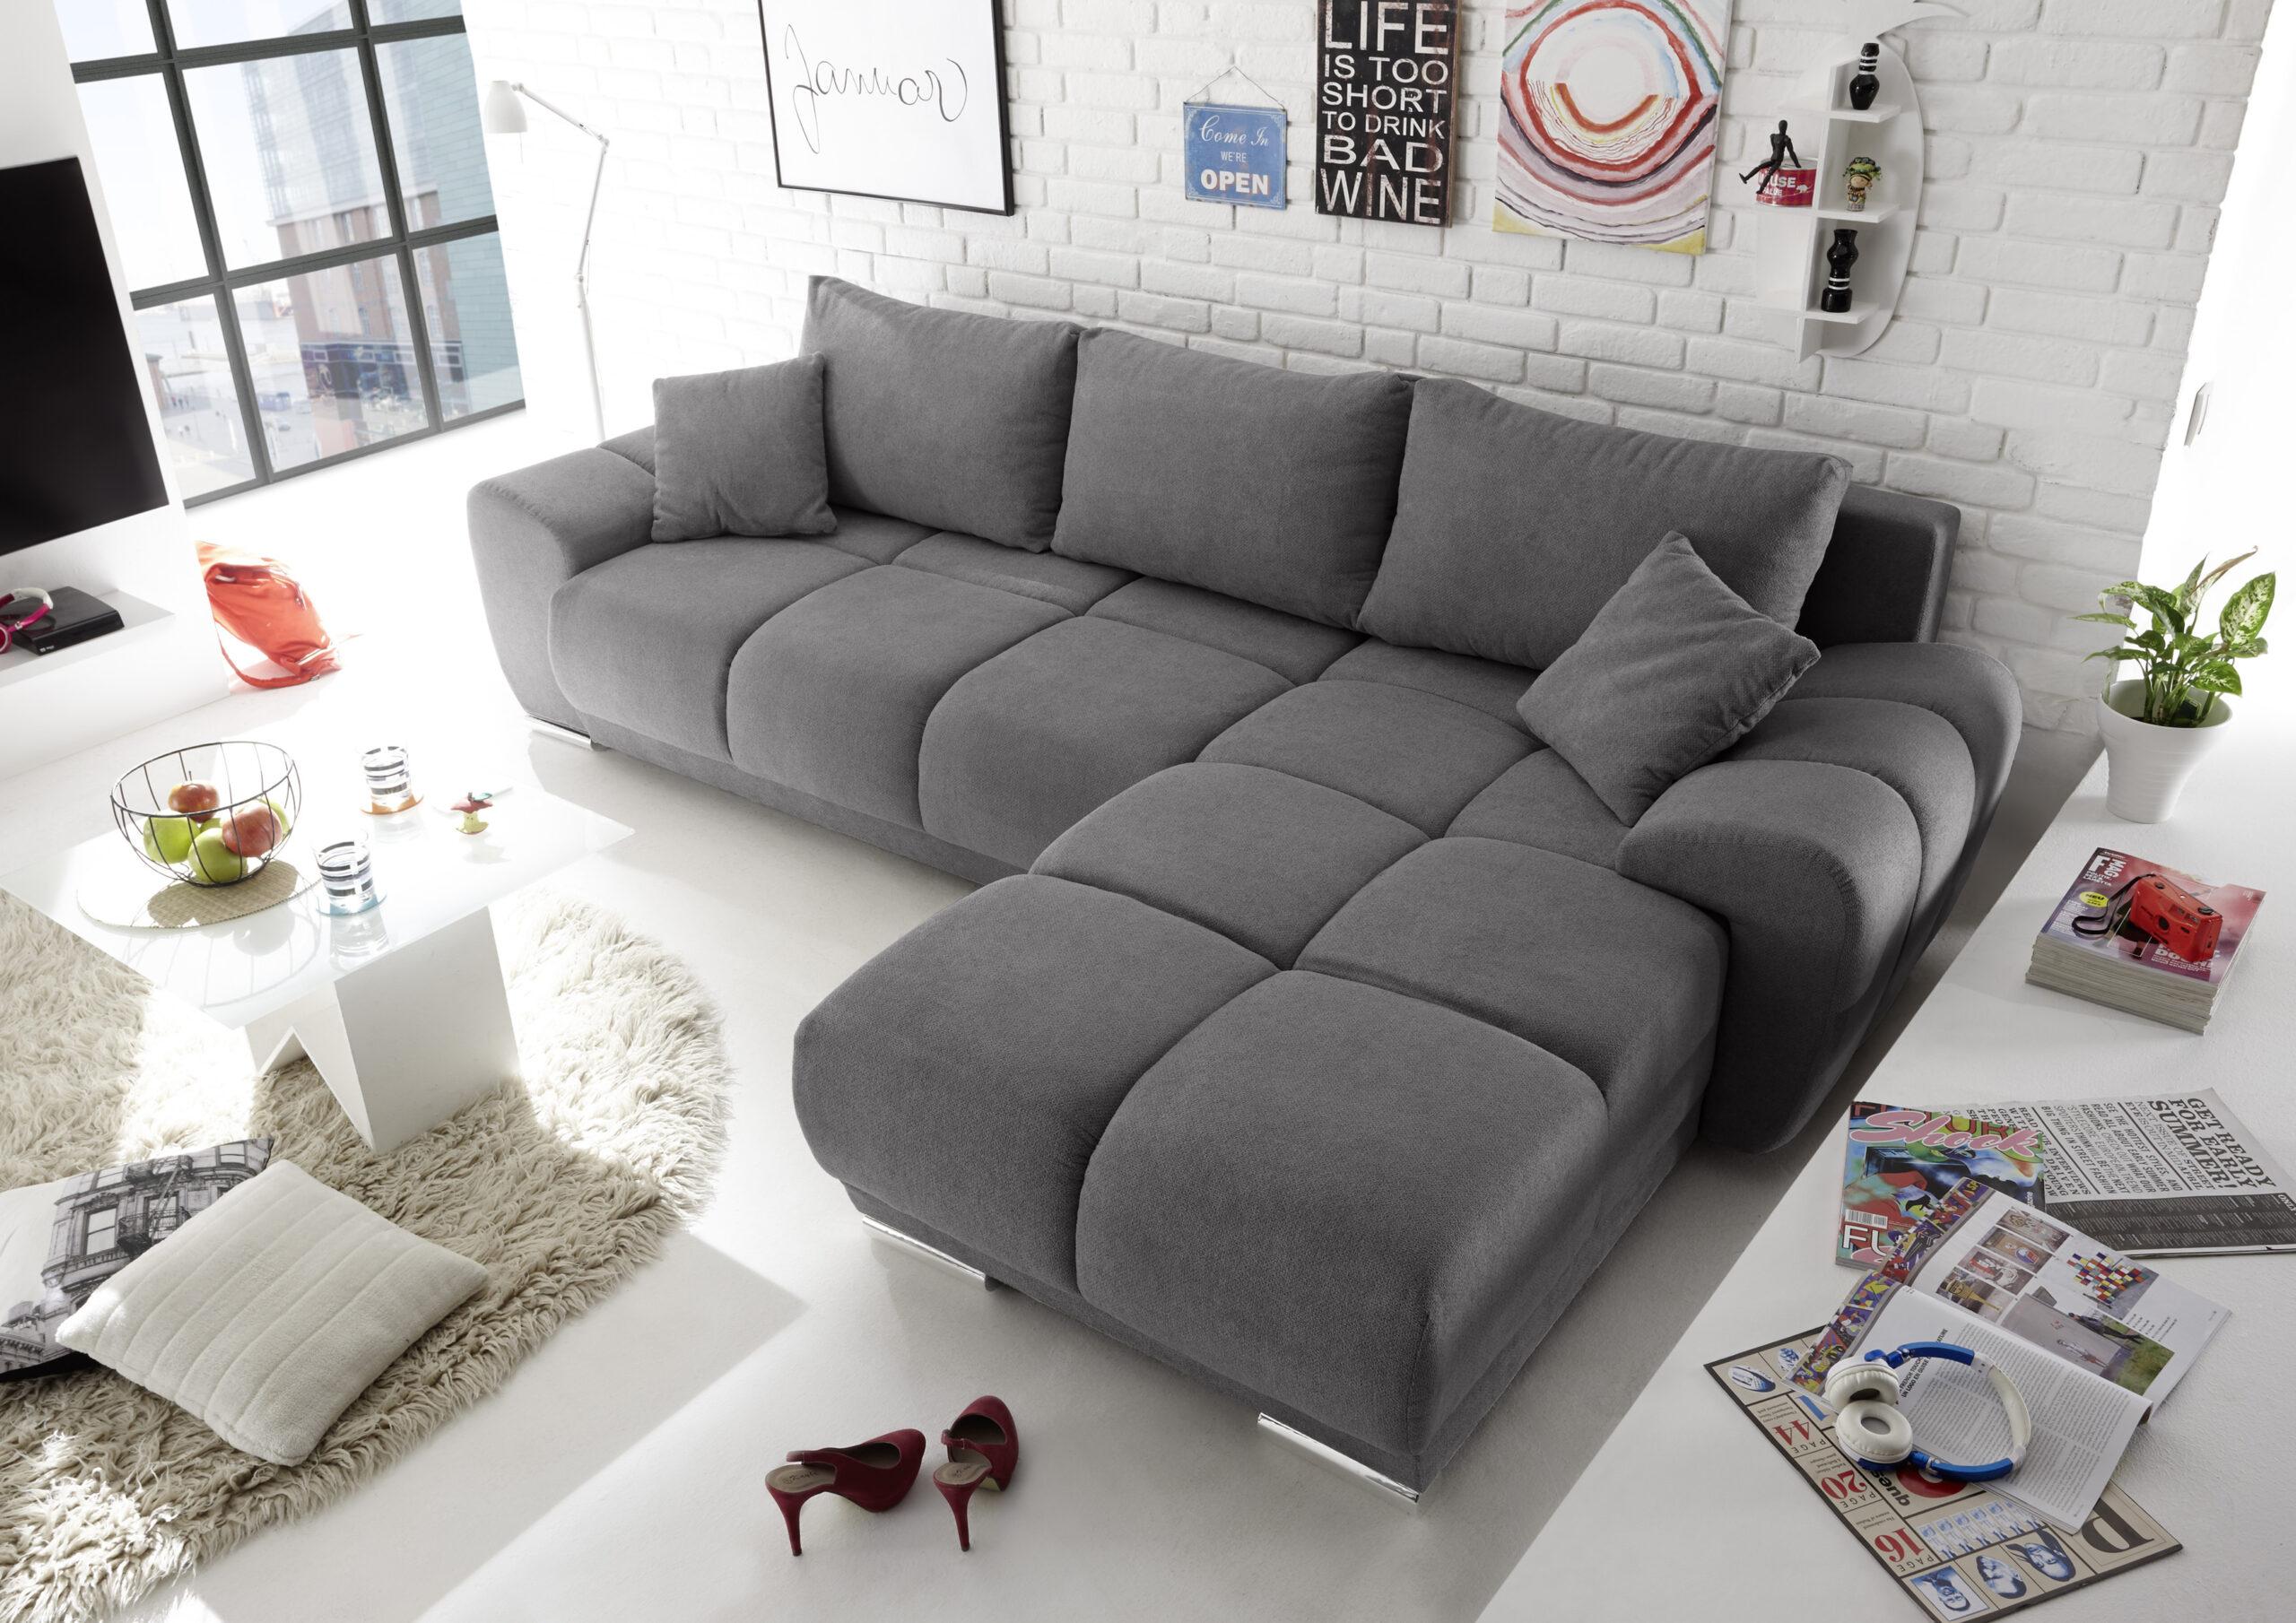 Full Size of Couch Ausklappbar Ecksofa Anton Schlafcouch Bettsofa Real Ausklappbares Bett Wohnzimmer Couch Ausklappbar